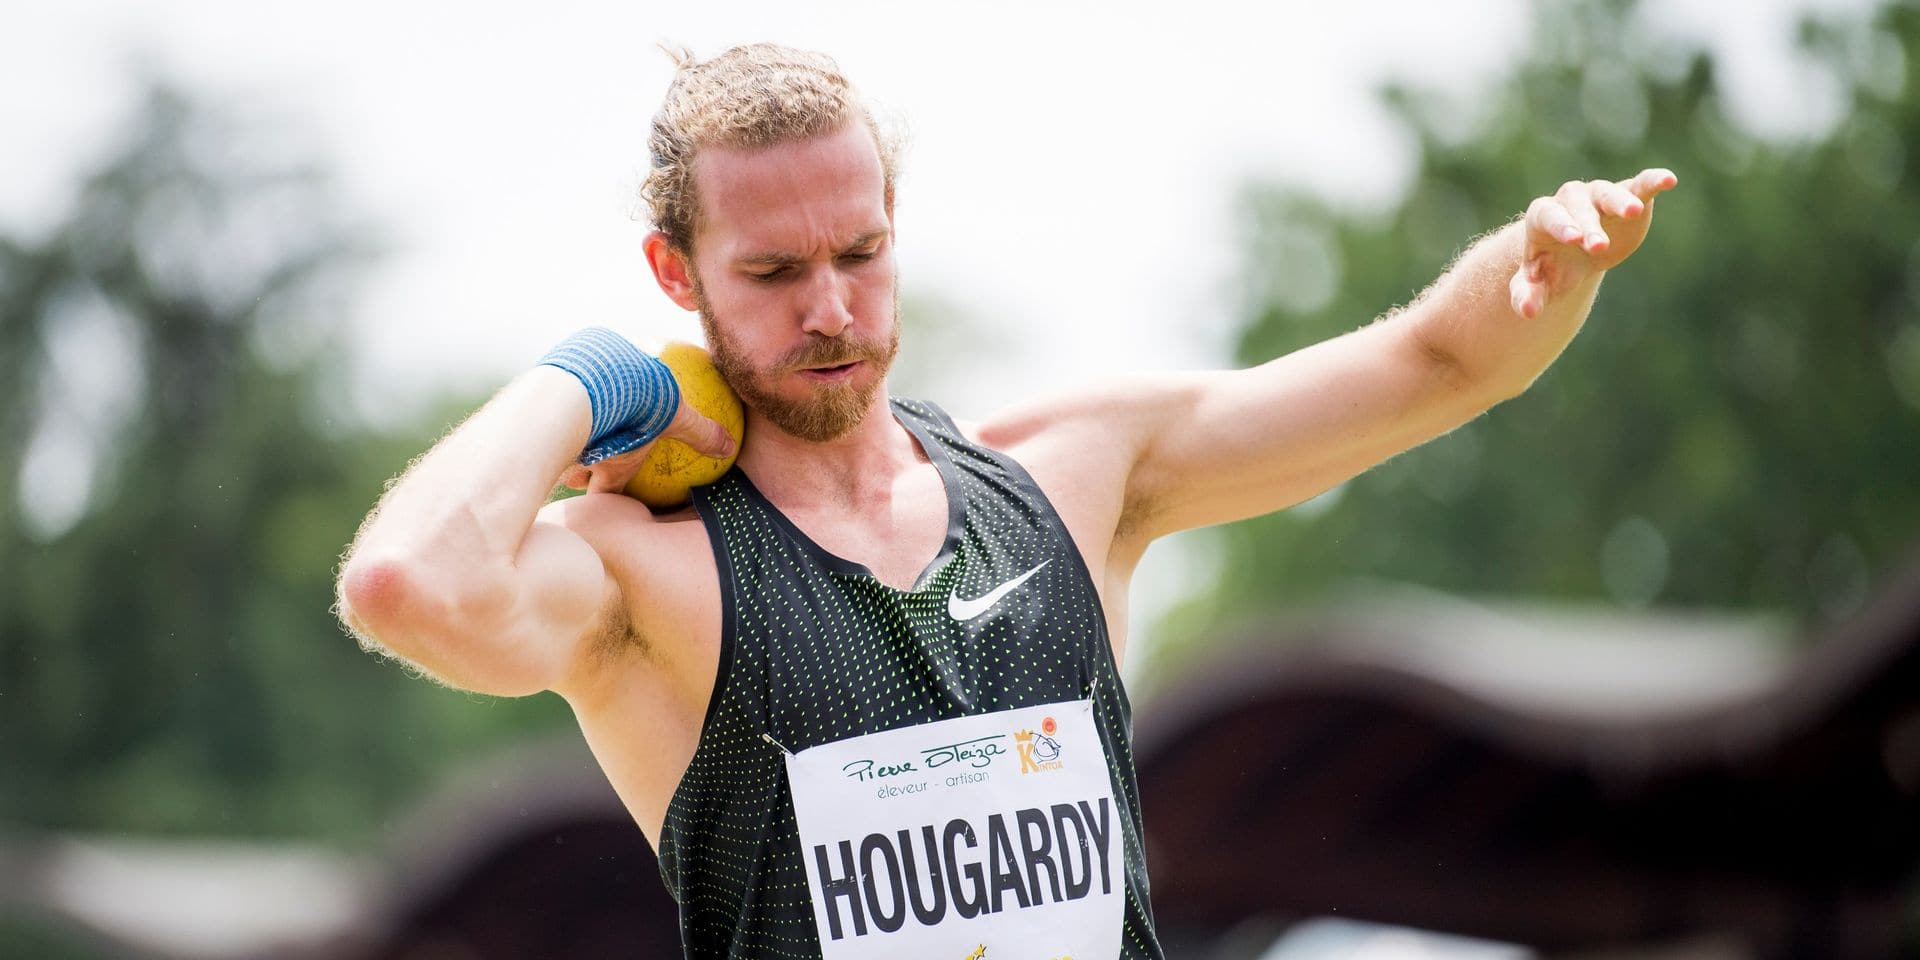 Le décathlonien Benjamin Hougardy signe la meilleure performance belge de l'année à Aubagne